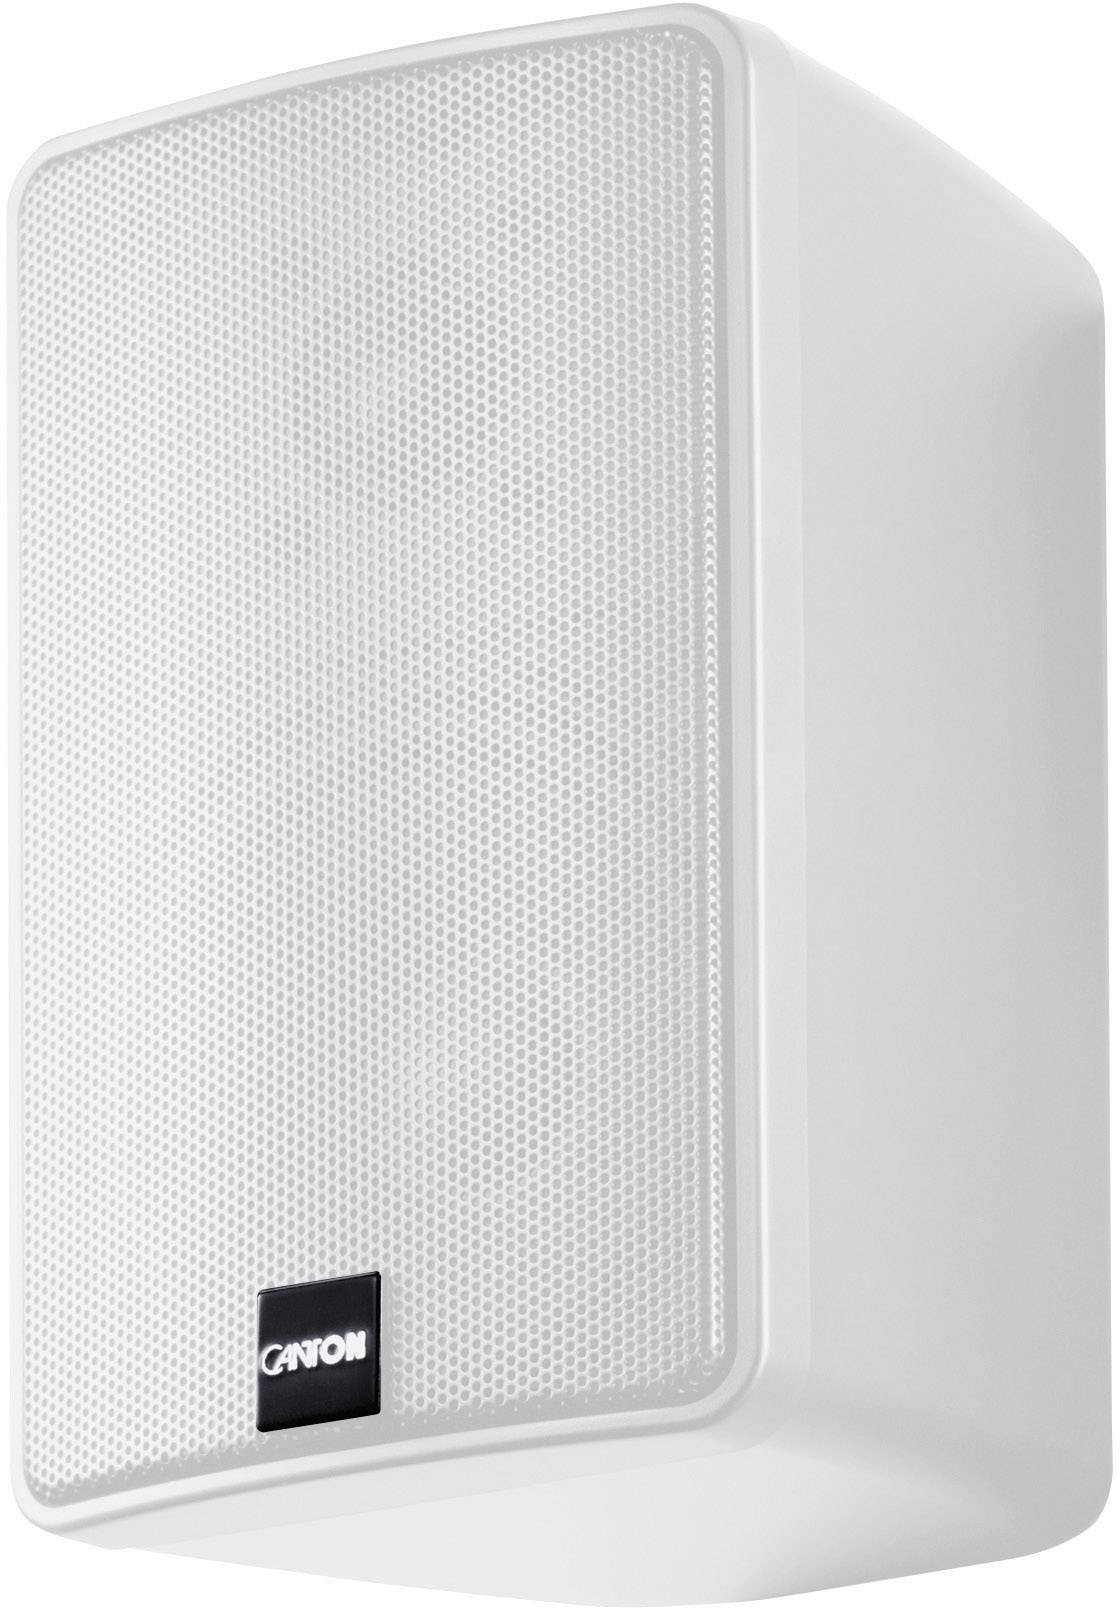 Regálový reproduktor Canton Plus GX.3, 45 Hz - 26000 Hz, 100 W, 1 pár, biela